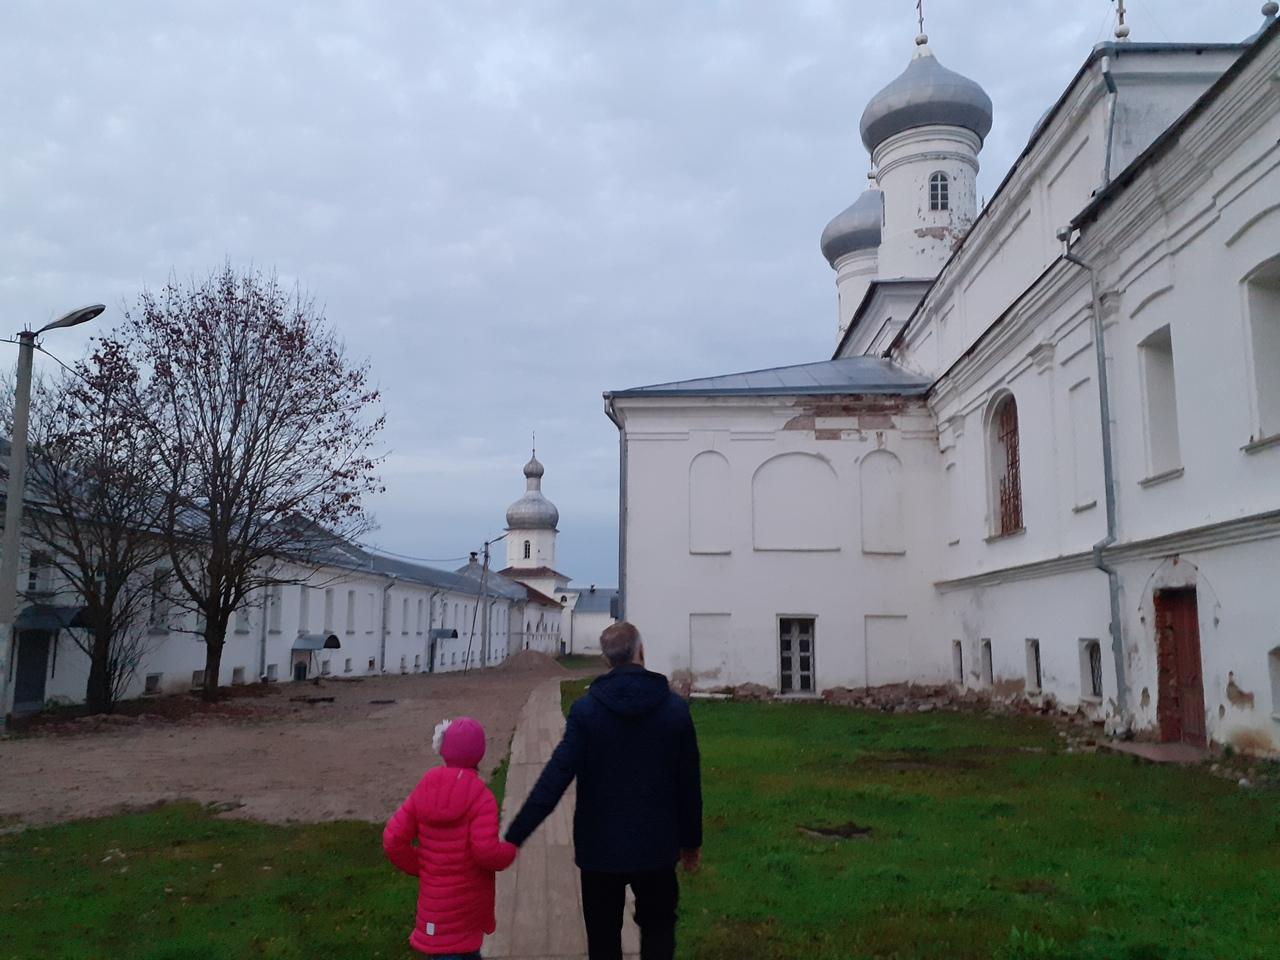 Новгород в октябре. Юрьев монастырь - самый древний в России. И крепость в свете вечерних огней